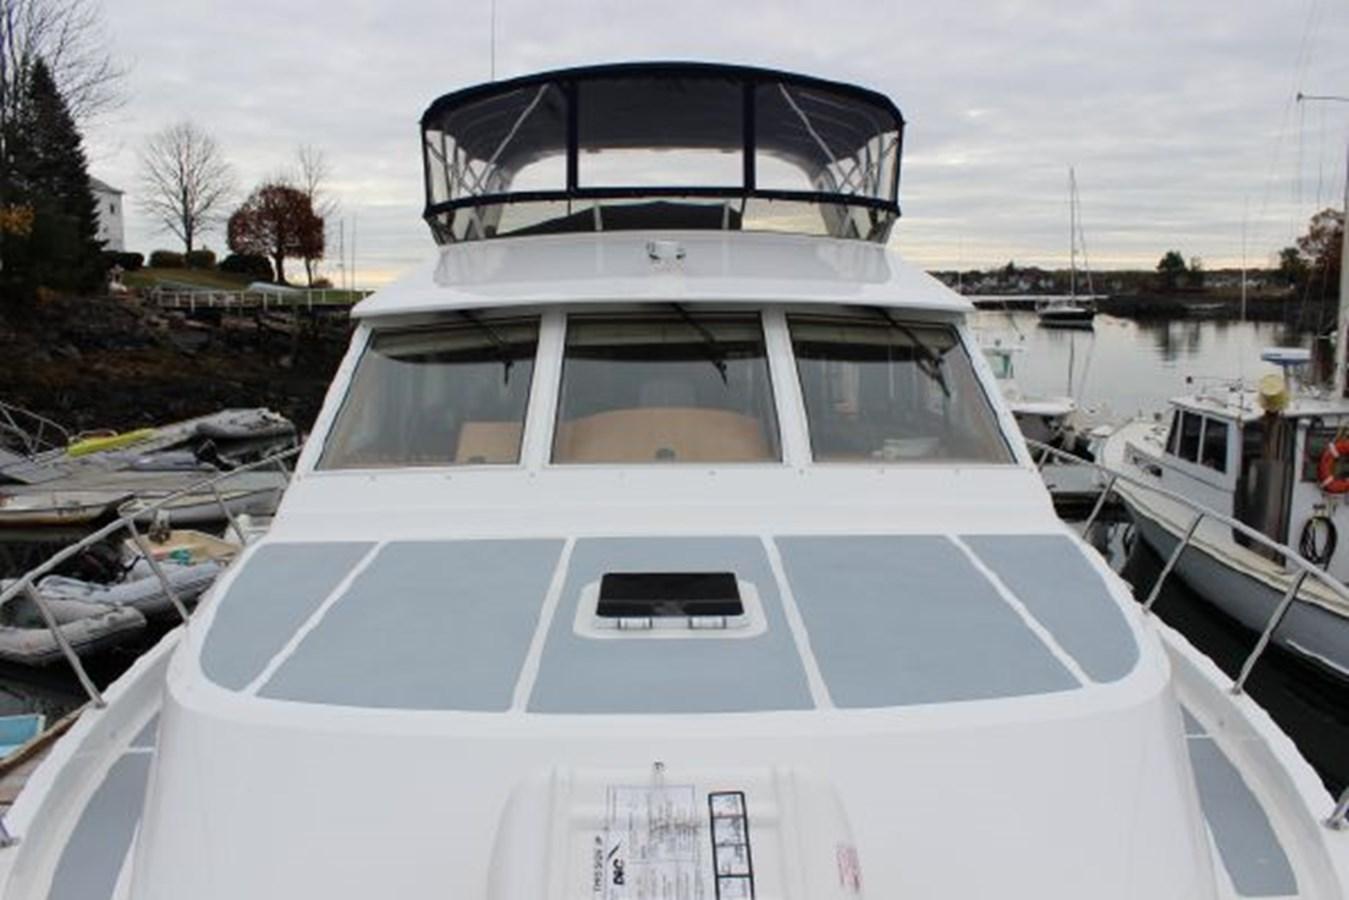 4859061_20141124102355631_1_XLARGE6 2000 OCEAN ALEXANDER  Motor Yacht 2837963